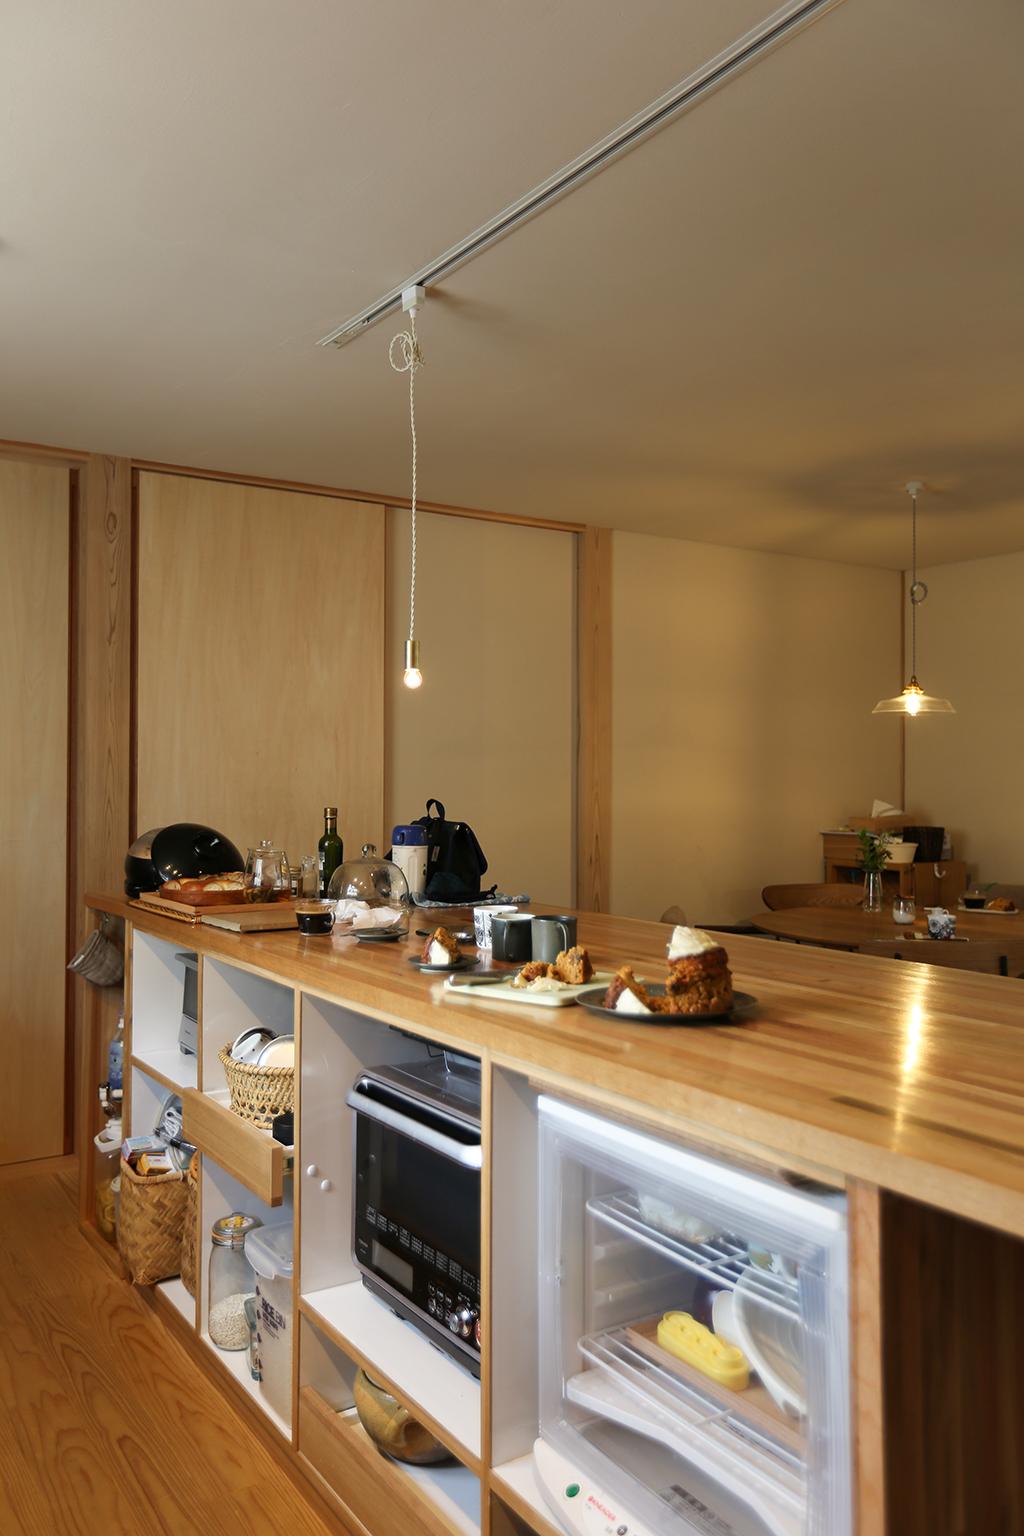 加古川市の木の家 オリジナルの家電収納カウンター